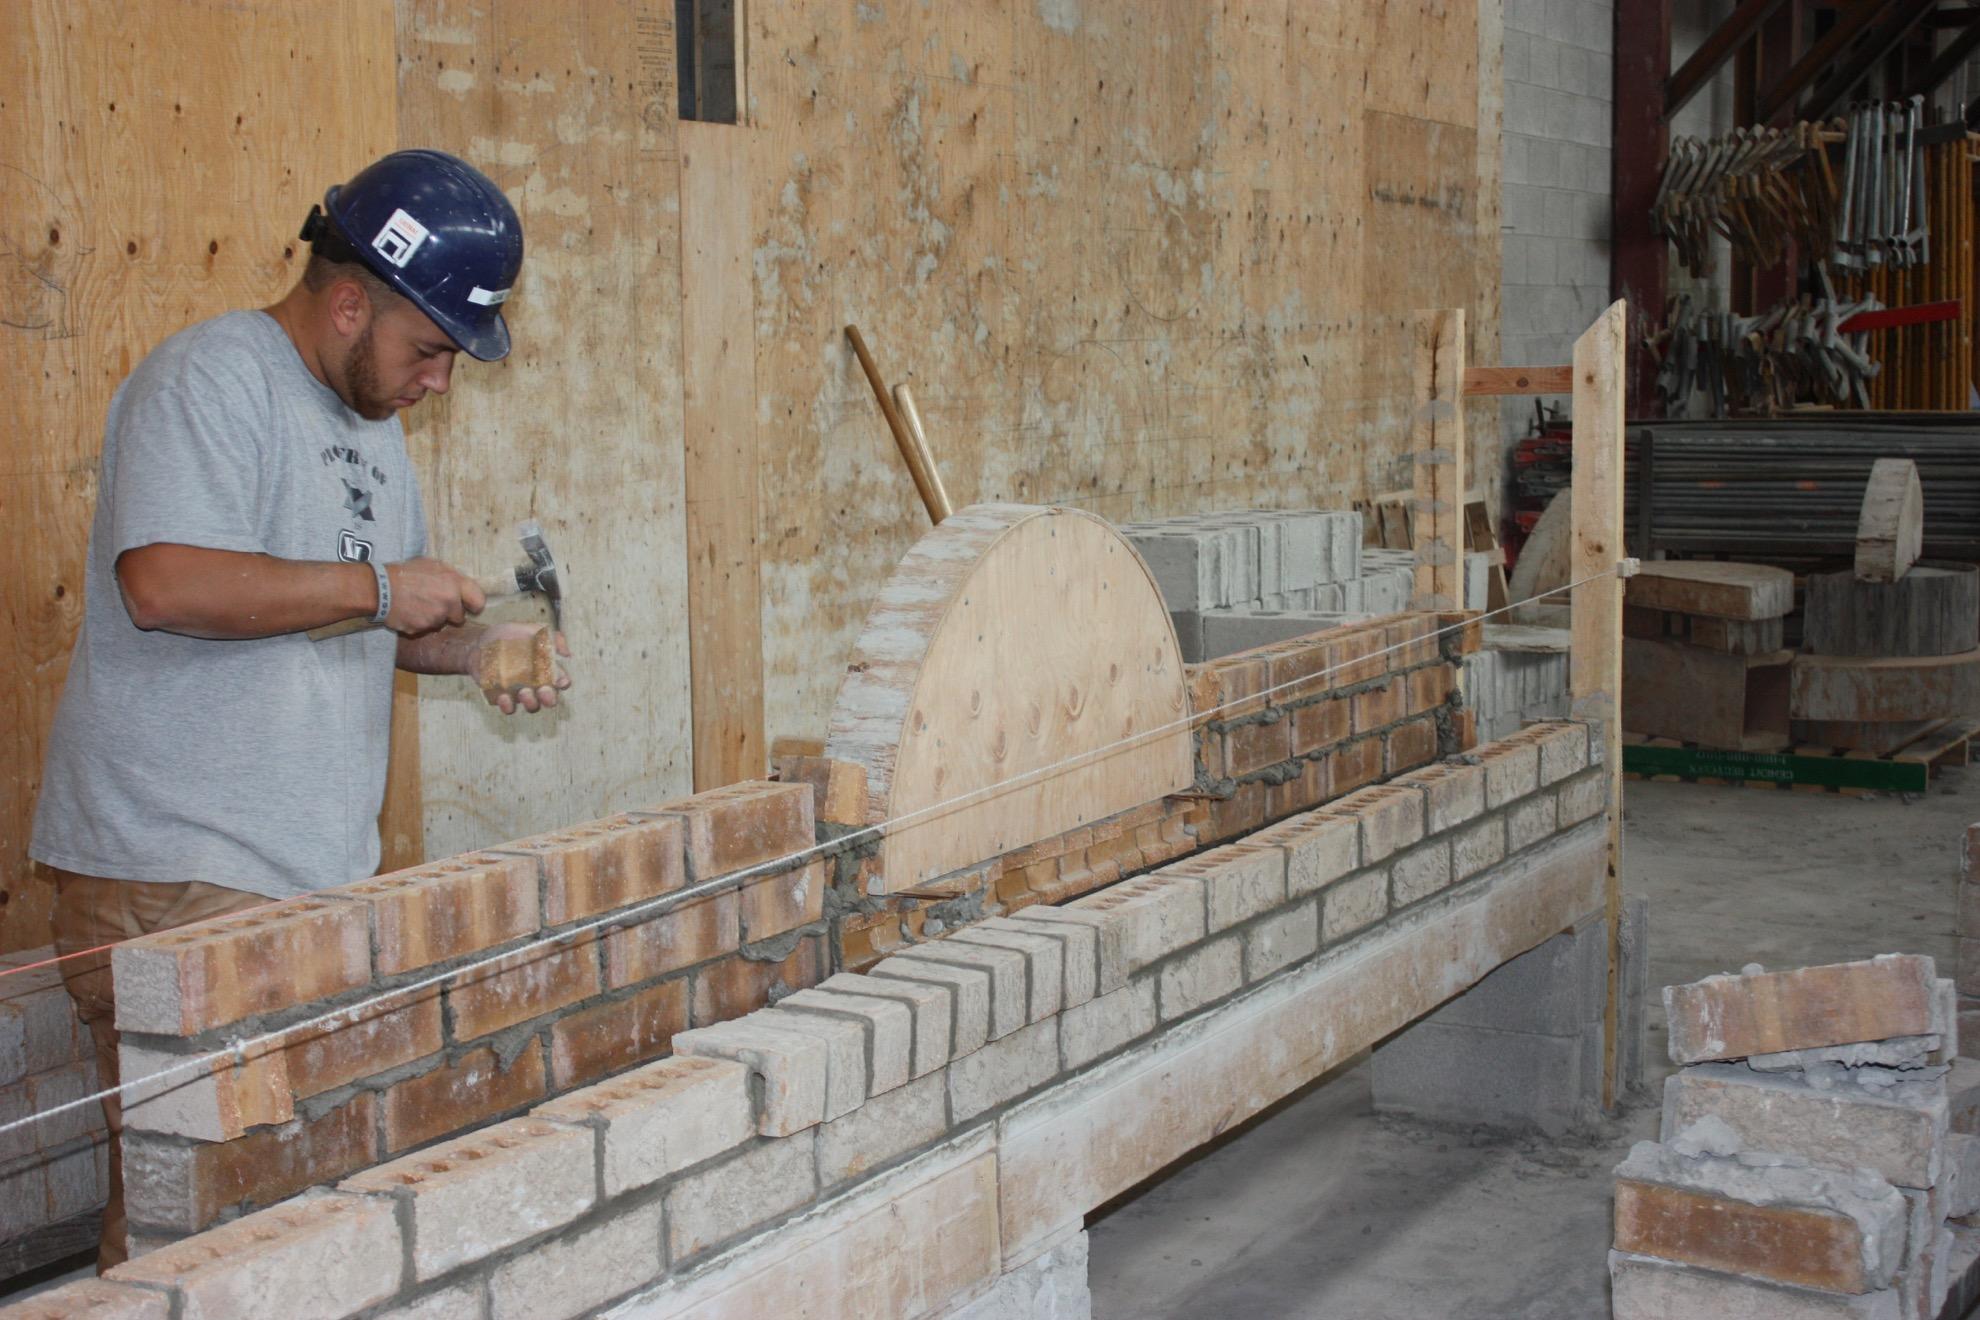 Stone Masonry Courses | Learn to Build Stone Walls & Patios